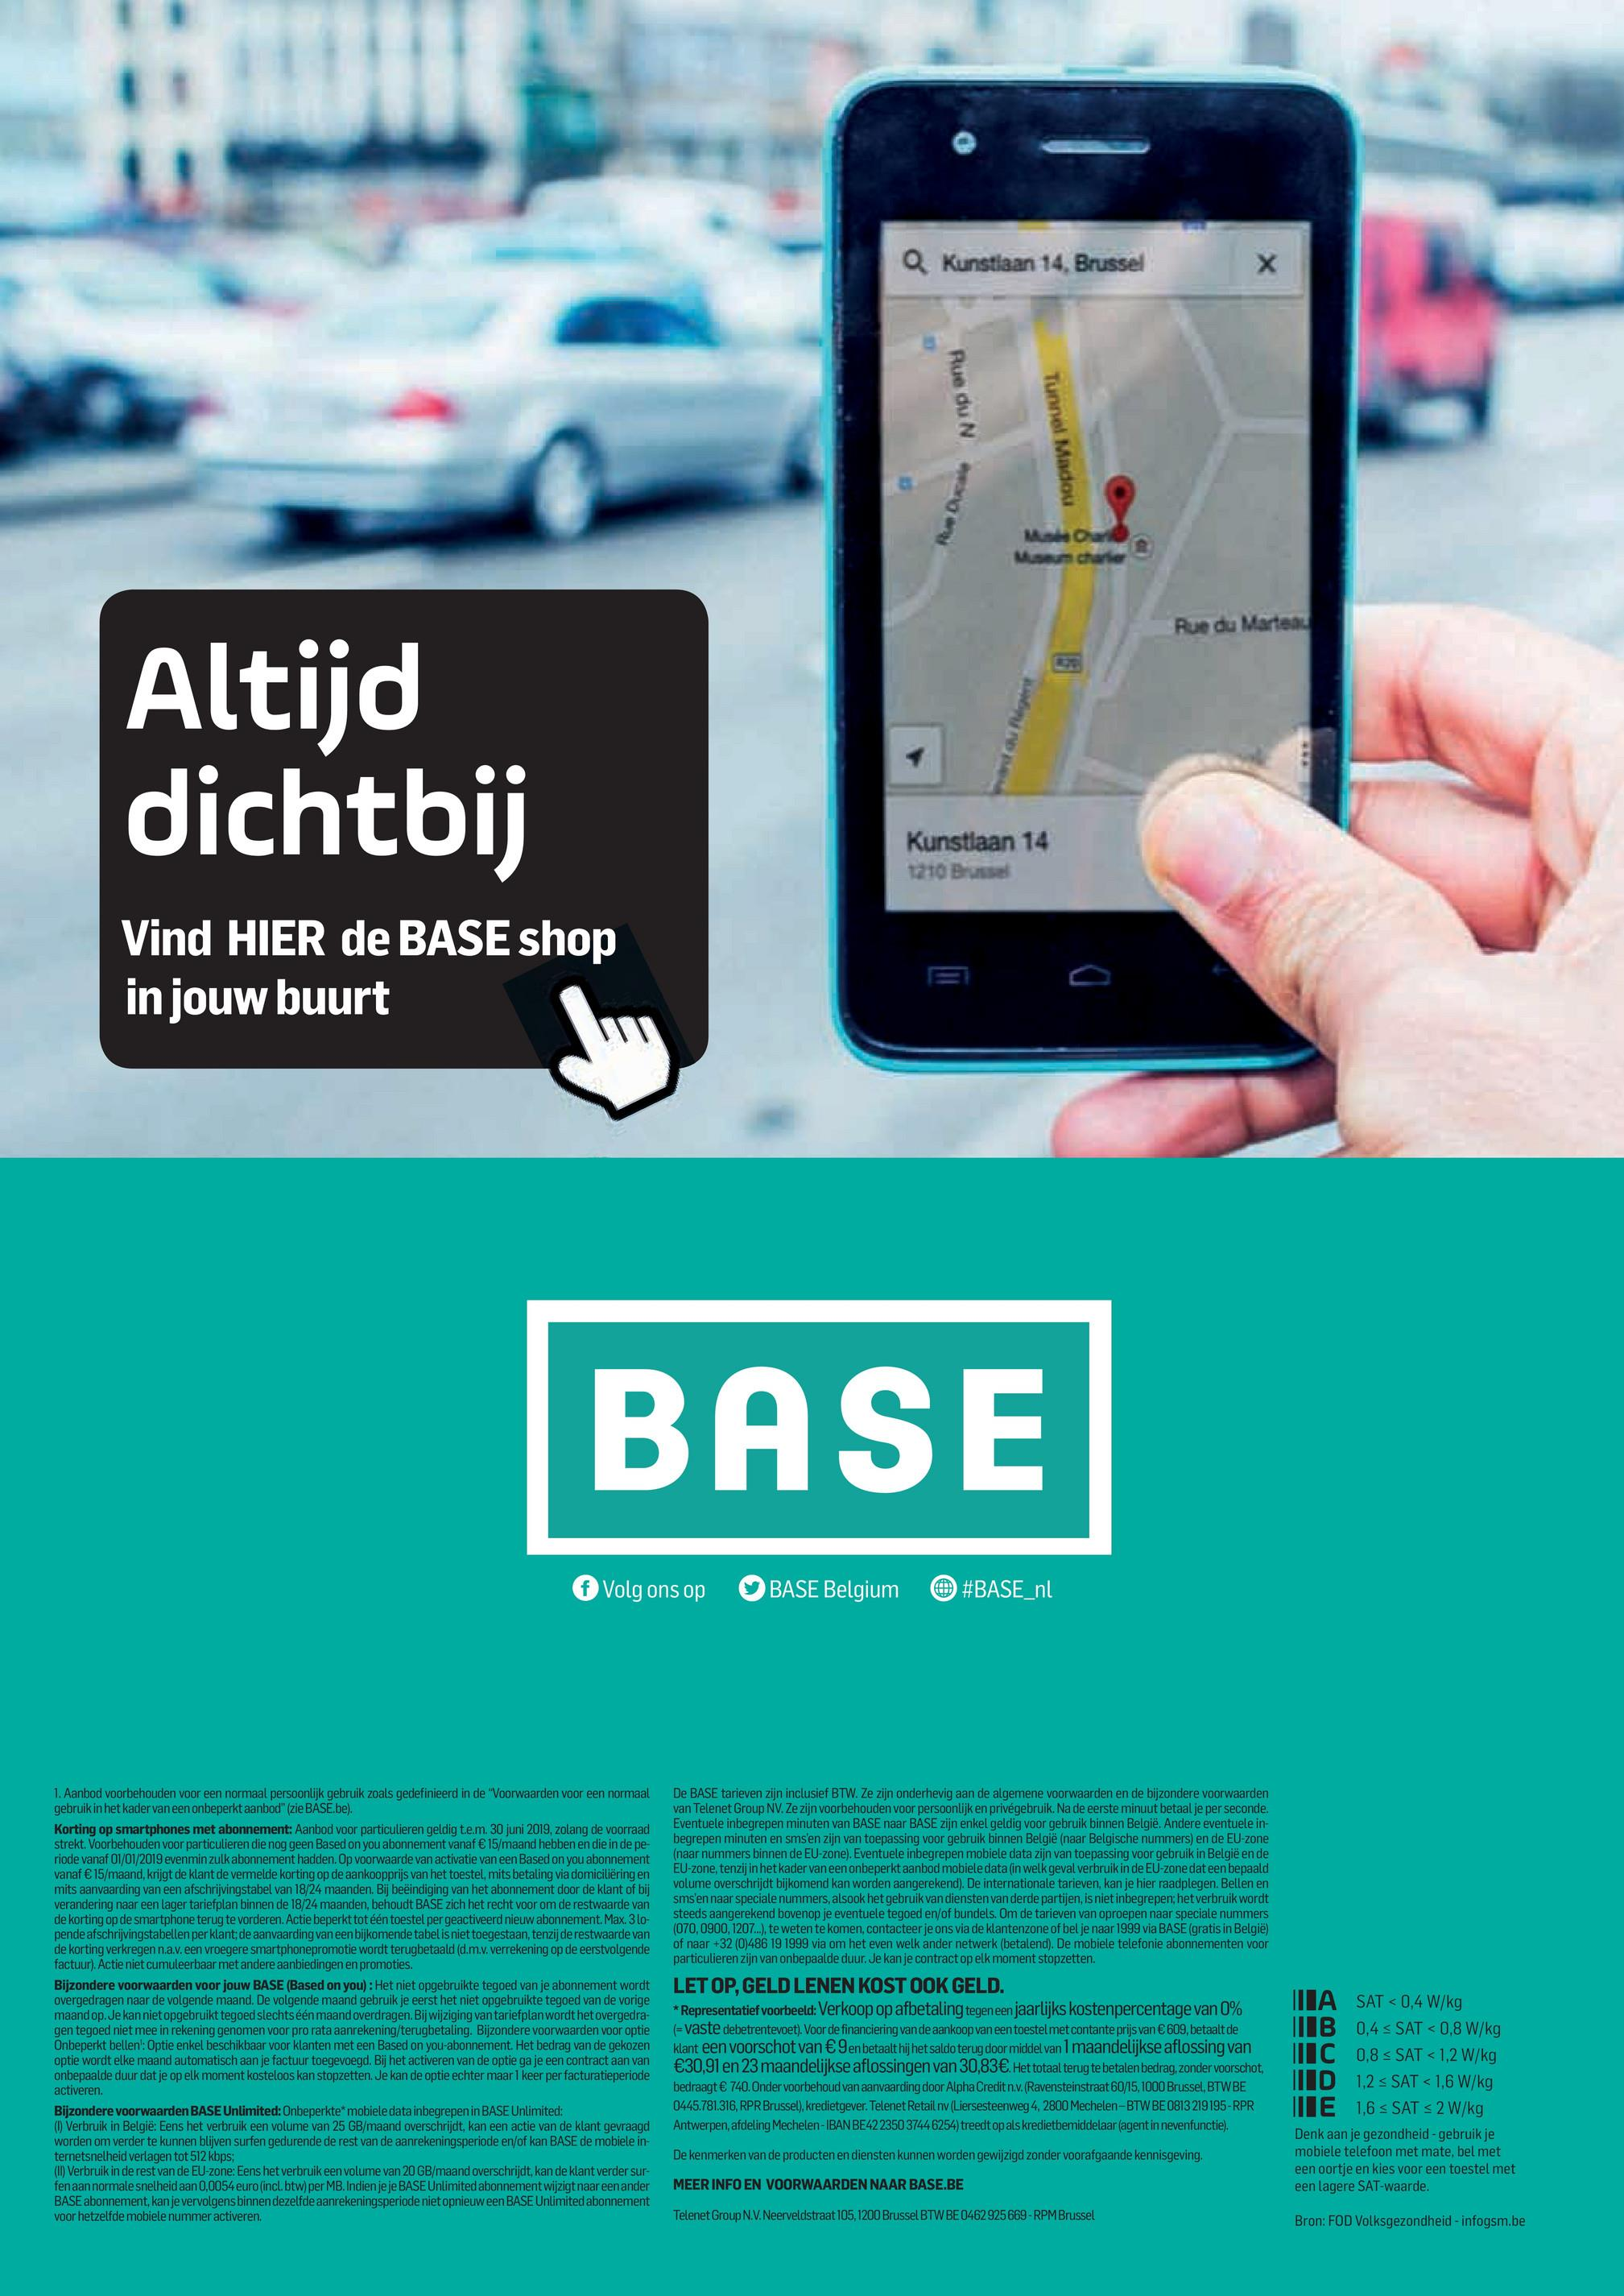 """O Kunstiaan 14. Brussel Rue du N4 Tunnel Madou 95 Rue du Marts Altijd dichtbij Kunstlaan 14 1210 Brussel Vind HIER de BASE shop in jouw buurt BASE f Volg ons op BASE Belgium #BASE_nl 1. Aanbod voorbehouden voor een normaal persoonlijk gebruik zoals gedefinieerd in de """"Voorwaarden voor een normaal gebruik in het kader van een onbeperkt aanbod"""" (zie BASE.be). Korting op smartphones met abonnement: Aanbod voor particulieren geldig te.m. 30 juni 2019, zolang de voorraad strekt. Voorbehouden voor particulieren die nog geen Based on you abonnement vanaf € 15/maand hebben en die in de pe- riode vanaf 01/01/2019 evenmin zulk abonnement hadden. Op voorwaarde van activatie van een Based on you abonnement vanaf € 15/maand, krijgt de klant de vermelde korting op de aankoopprijs van het toestel, mits betaling via domiciliëring en mits aanvaarding van een afschrijvingstabel van 18/24 maanden. Bij beëindiging van het abonnement door de klant of bij verandering naar een lager tariefplan binnen de 18/24 maanden, behoudt BASE zich het recht voor om de restwaarde van de korting op de smartphone terug te vorderen. Actie beperkt tot één toestel per geactiveerd nieuw abonnement. Max. 3lo- pende afschrijvingstabellen per klant; de aanvaarding van een bijkomende tabel is niet toegestaan, tenzij de restwaarde van de korting verkregen n.a.v. een vroegere smartphonepromotie wordt terugbetaald (d.m.v. verrekening op de eerstvolgende factuur). Actie niet cumuleerbaar met andere aanbiedingen en promoties. Bijzondere voorwaarden voor jouw BASE (Based on you): Het niet opgebruikte tegoed van je abonnement wordt overgedragen naar de volgende maand. De volgende maand gebruik je eerst het niet opgebruikte tegoed van de vorige maand op. Je kan niet opgebruikt tegoed slechts één maand overdragen. Bij wijziging van tariefplan wordt het overgedra- gen tegoed niet mee in rekening genomen voor pro rata aanrekening/terugbetaling. Bijzondere voorwaarden voor optie Onbeperkt bellen': Optie enkel beschikbaar v"""